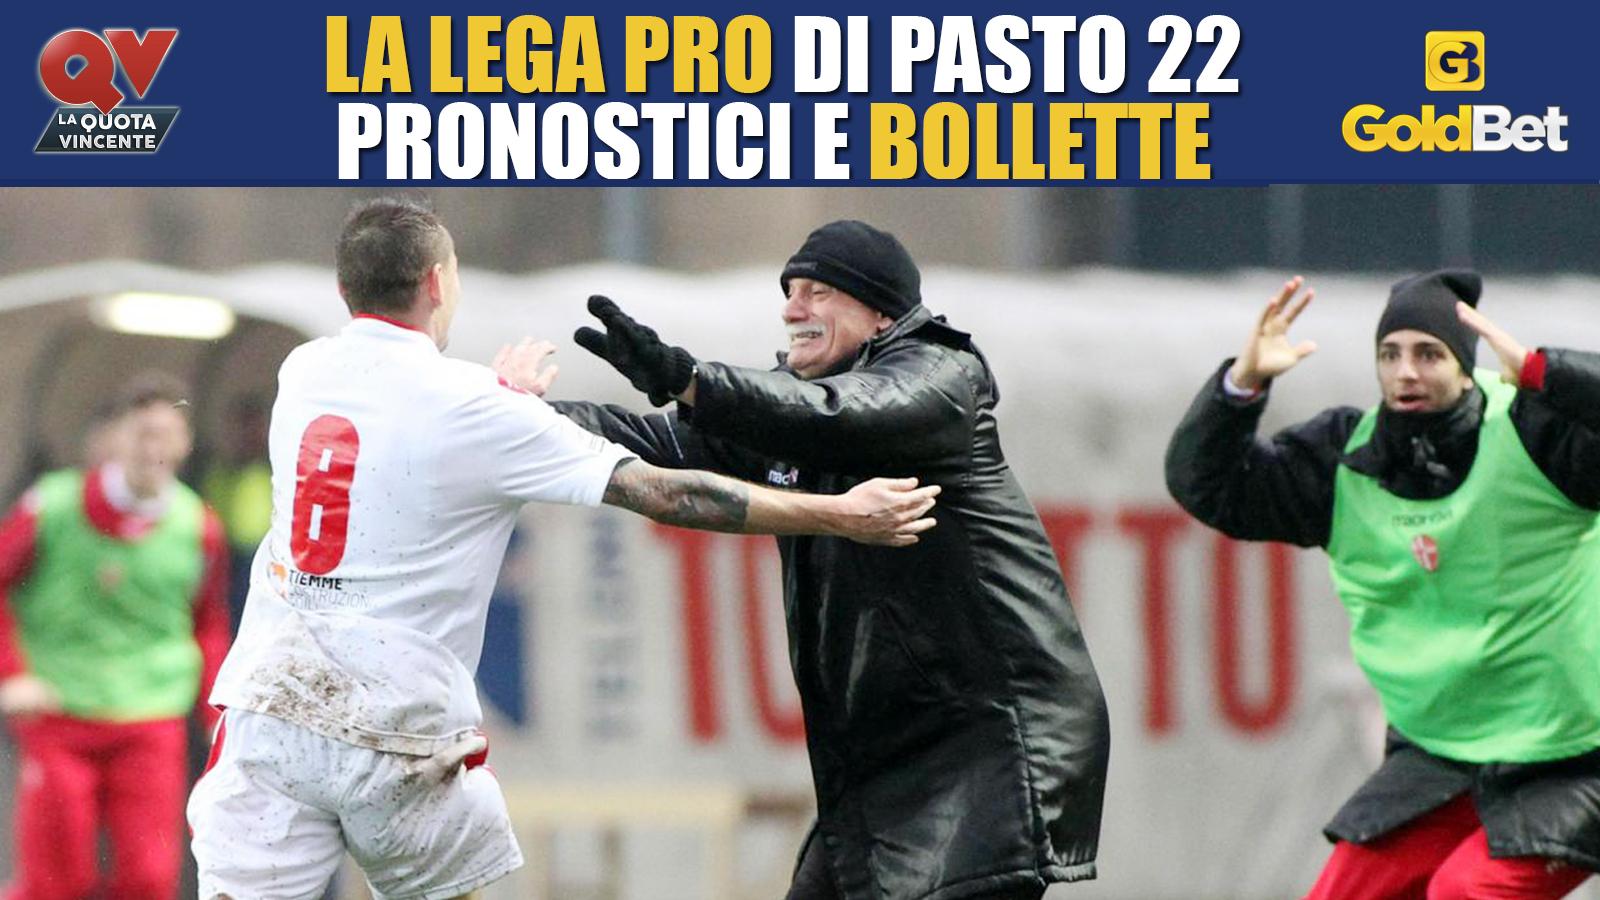 lega_pro_blog_qv_pasto_22_padova_calcio_esultanza_news_scommesse_bollette